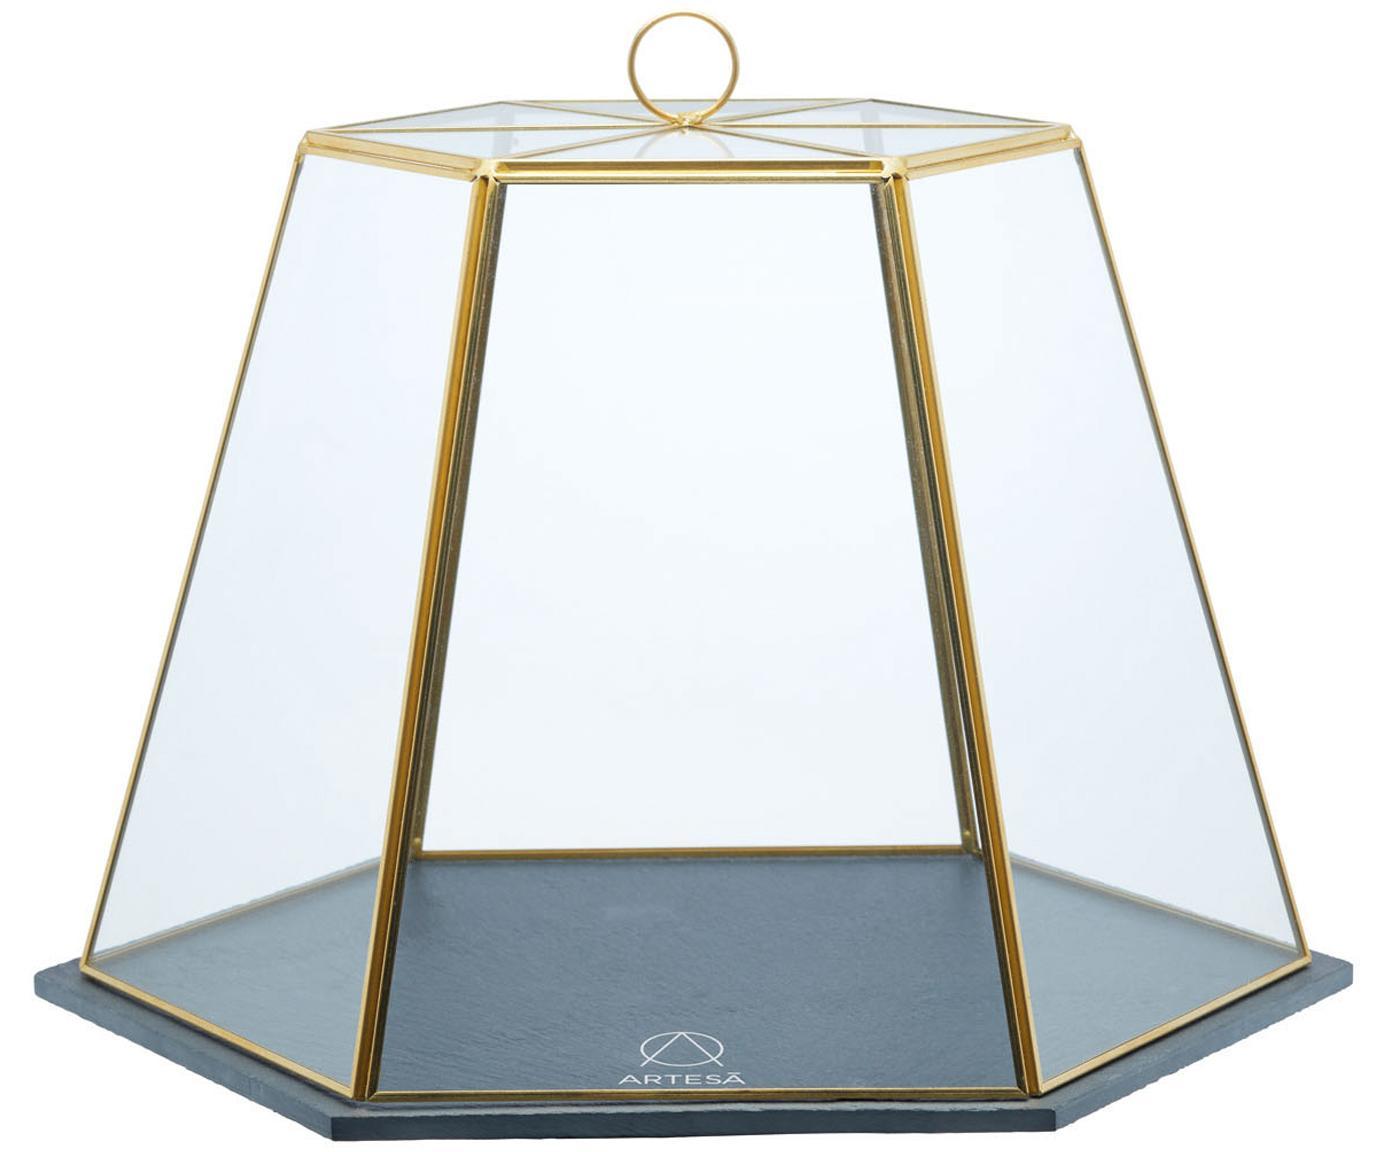 Serveerstolp Artesa van glas met goudkleurige details, Leisteen, glas, metaal, Goudkleurig, transparant, zwart, 31 x 25 cm